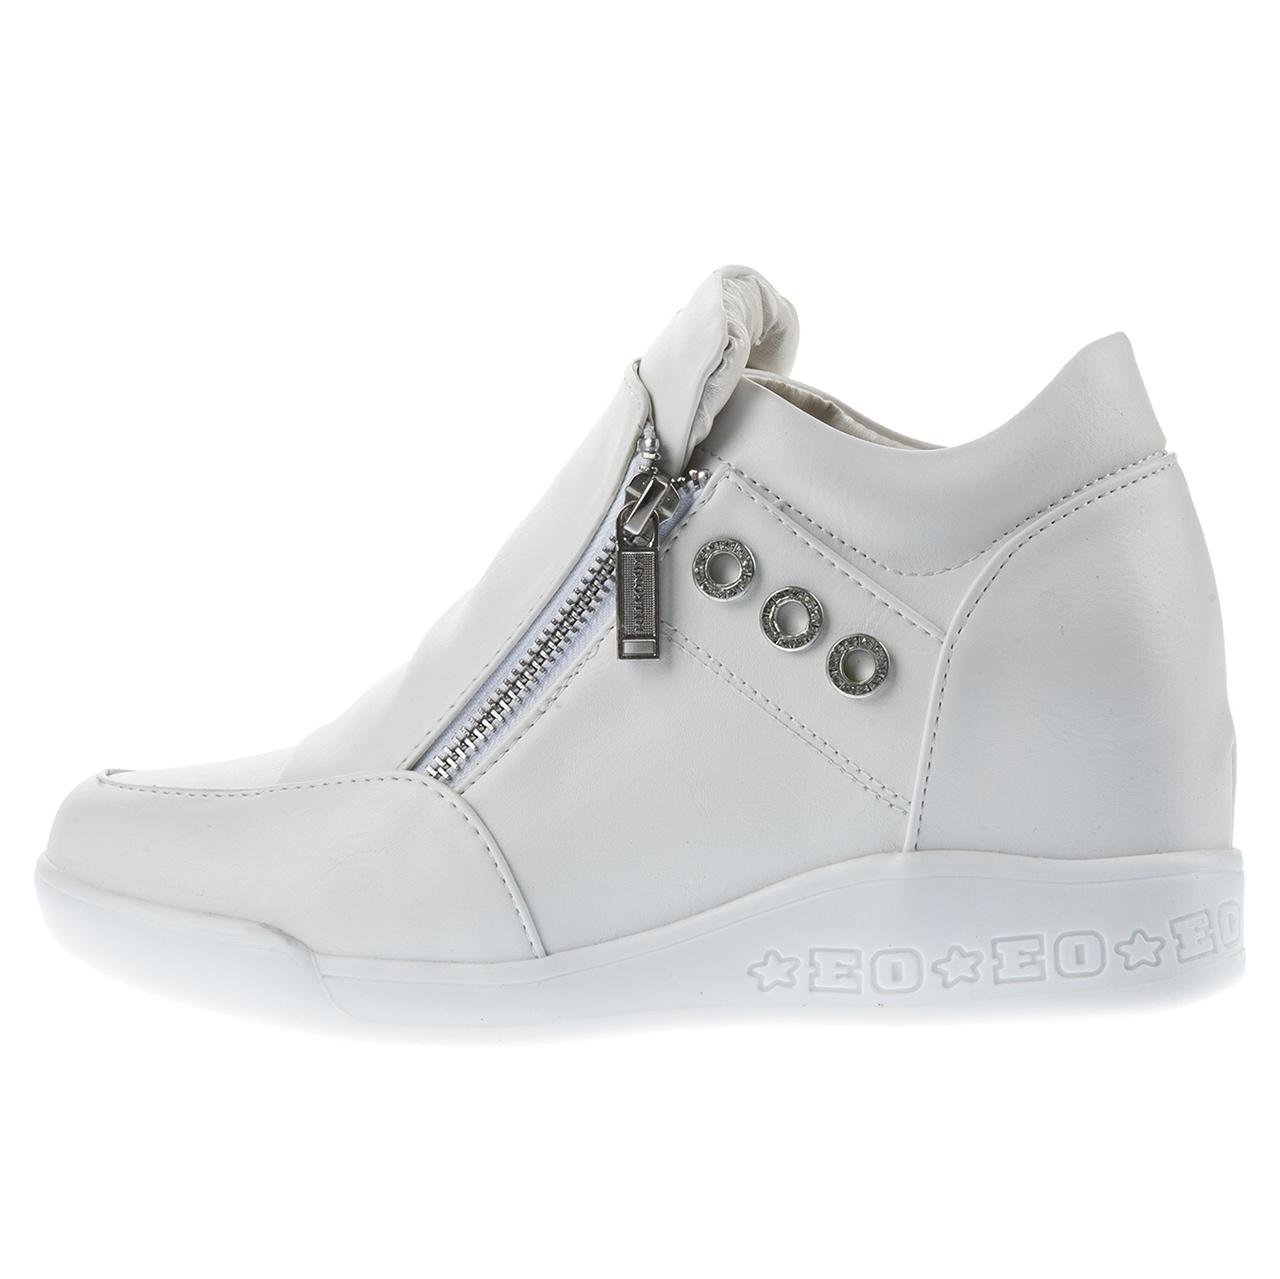 کفش زنانه  مدل الیسا کد 003